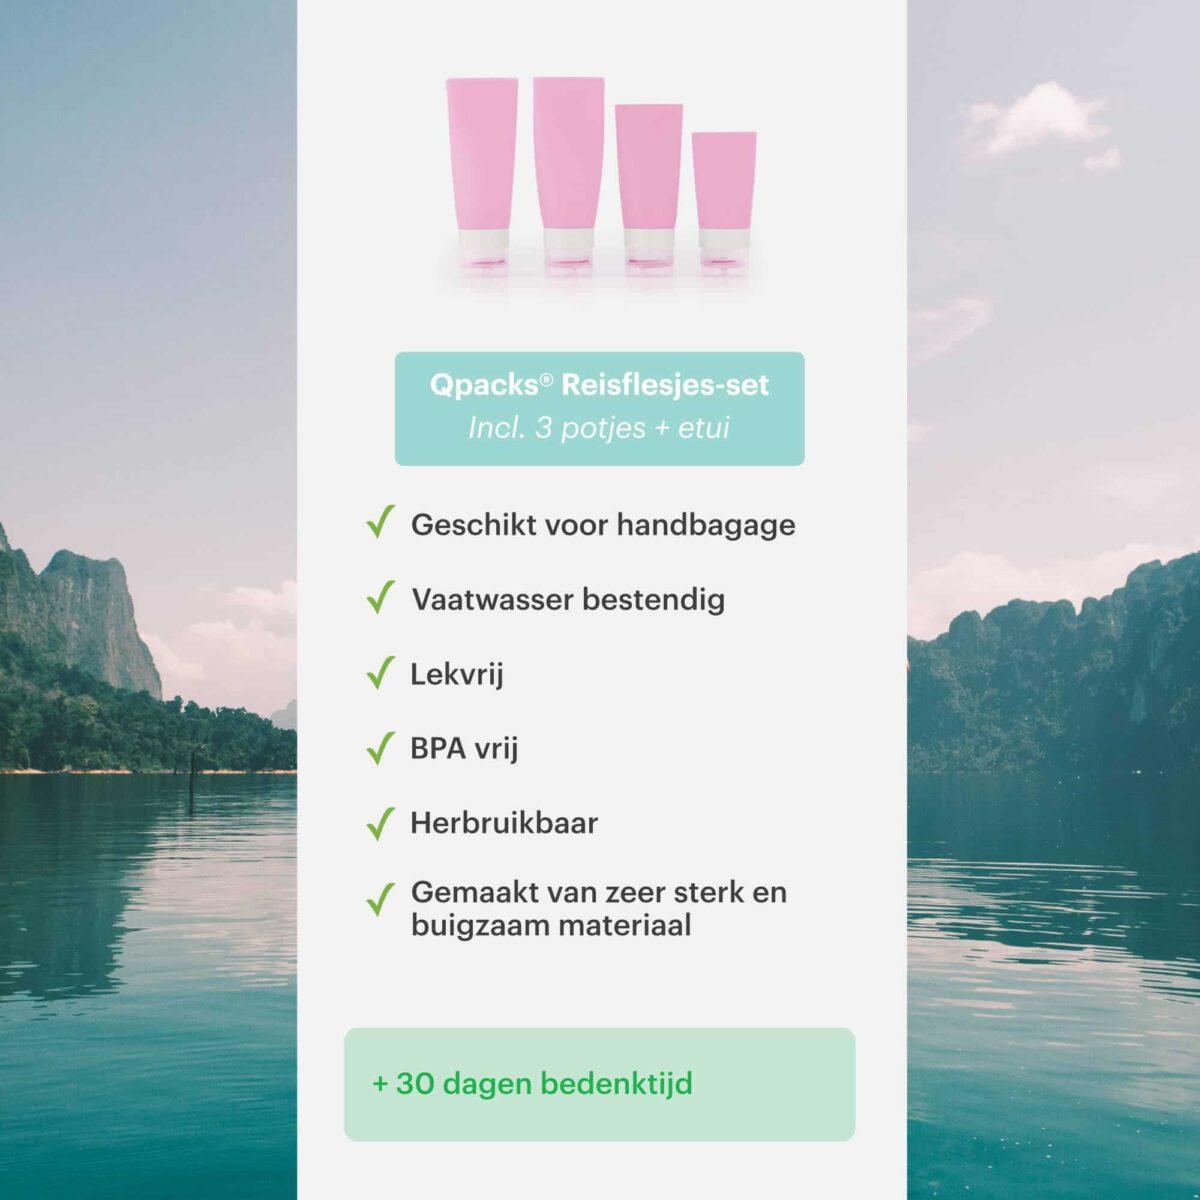 Voordelen qpacks reisflesjes roze